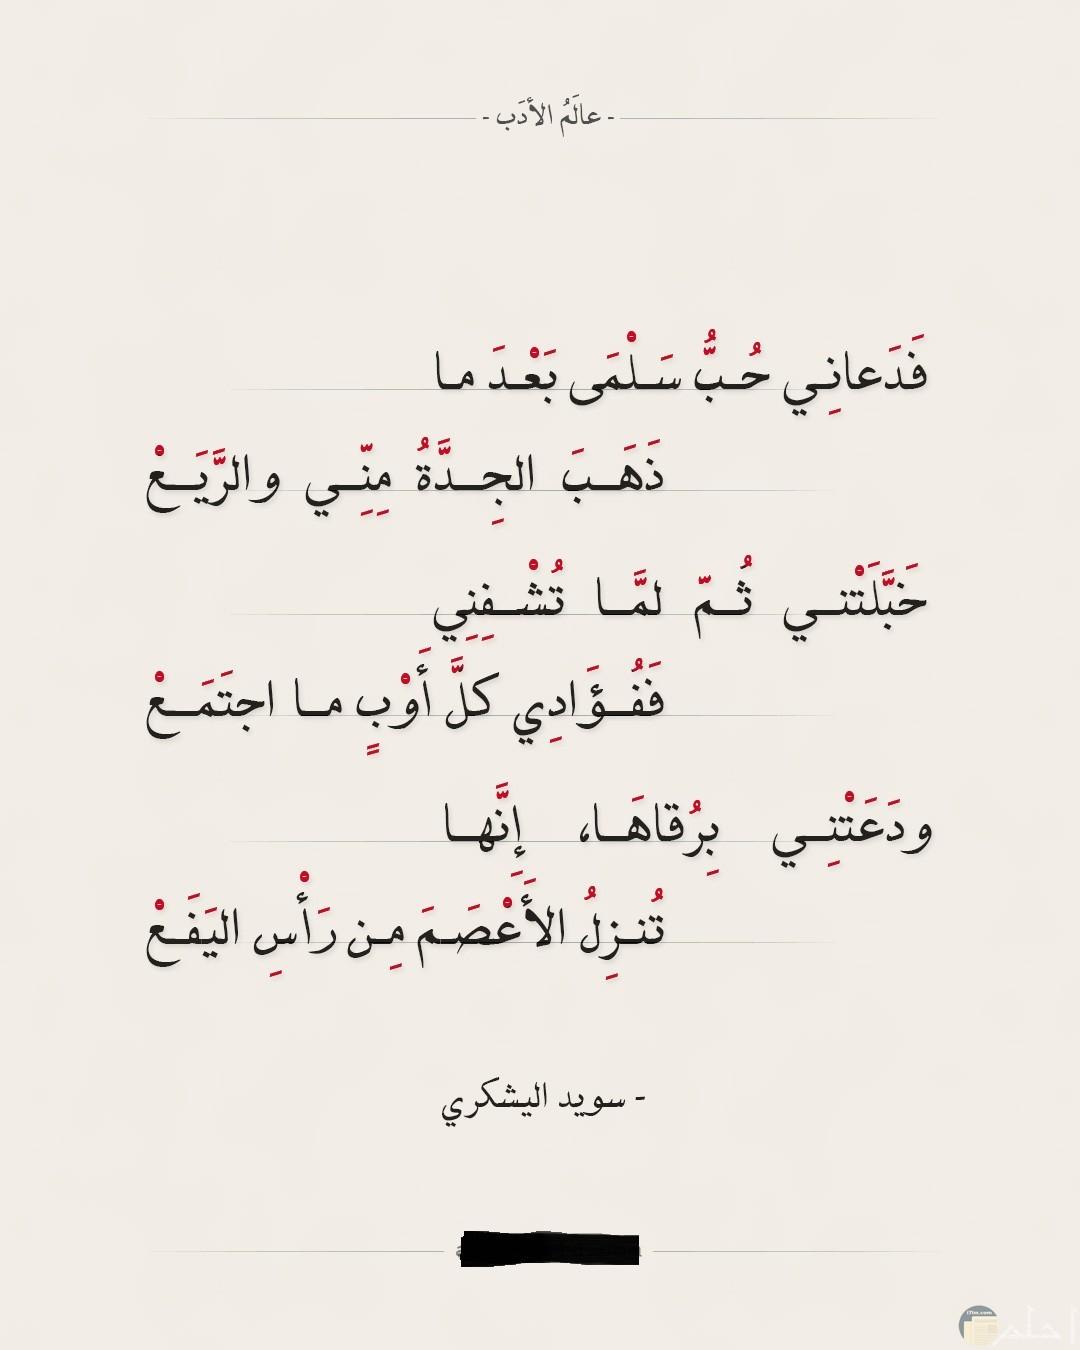 الشاعر سويد اليشكري - شعر عن الحب.